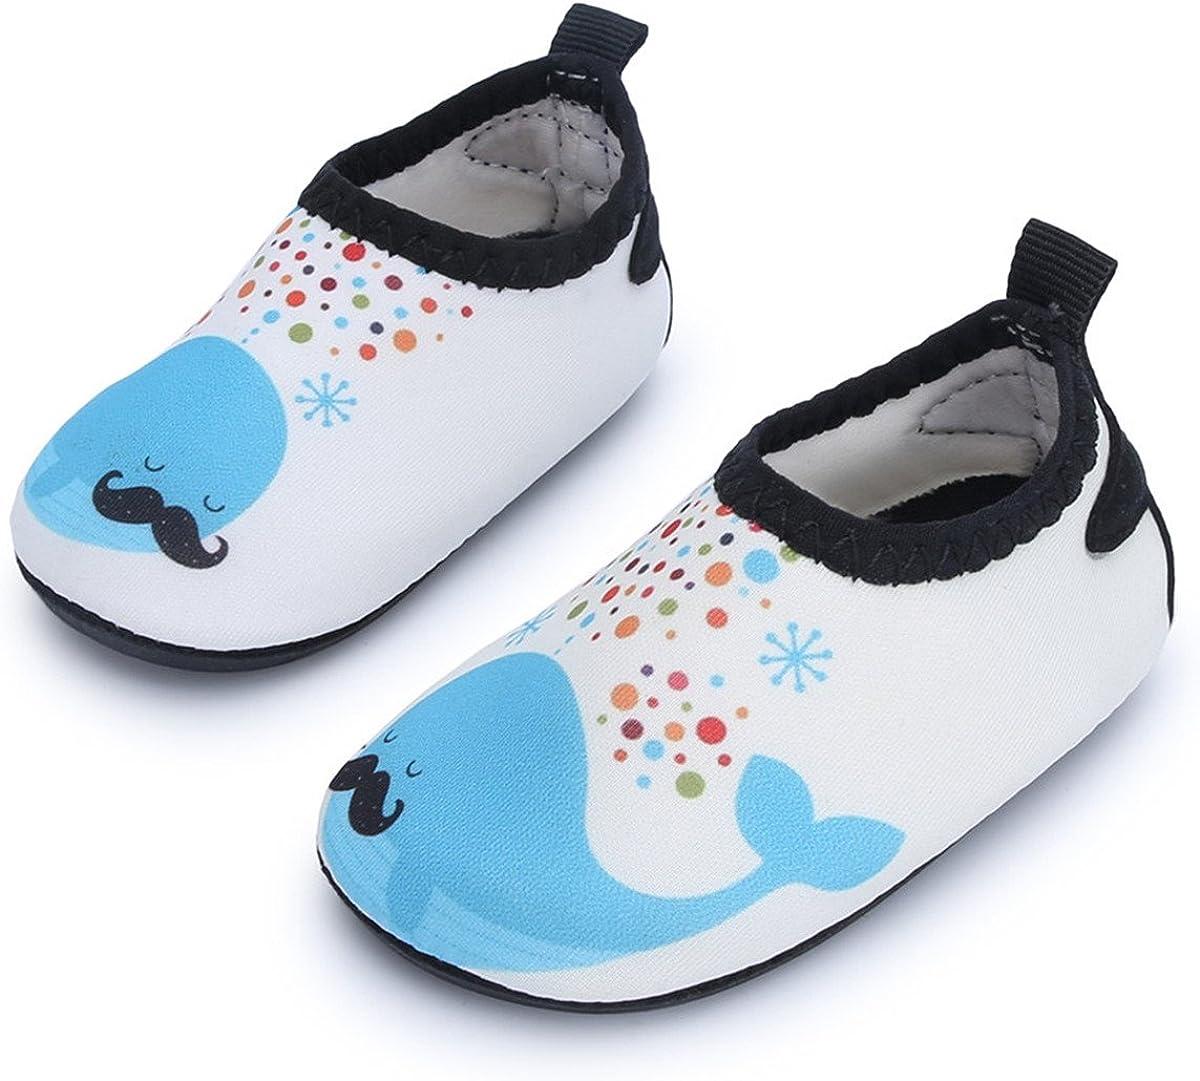 JIASUQI Baby Toddler Swim Water Shoes